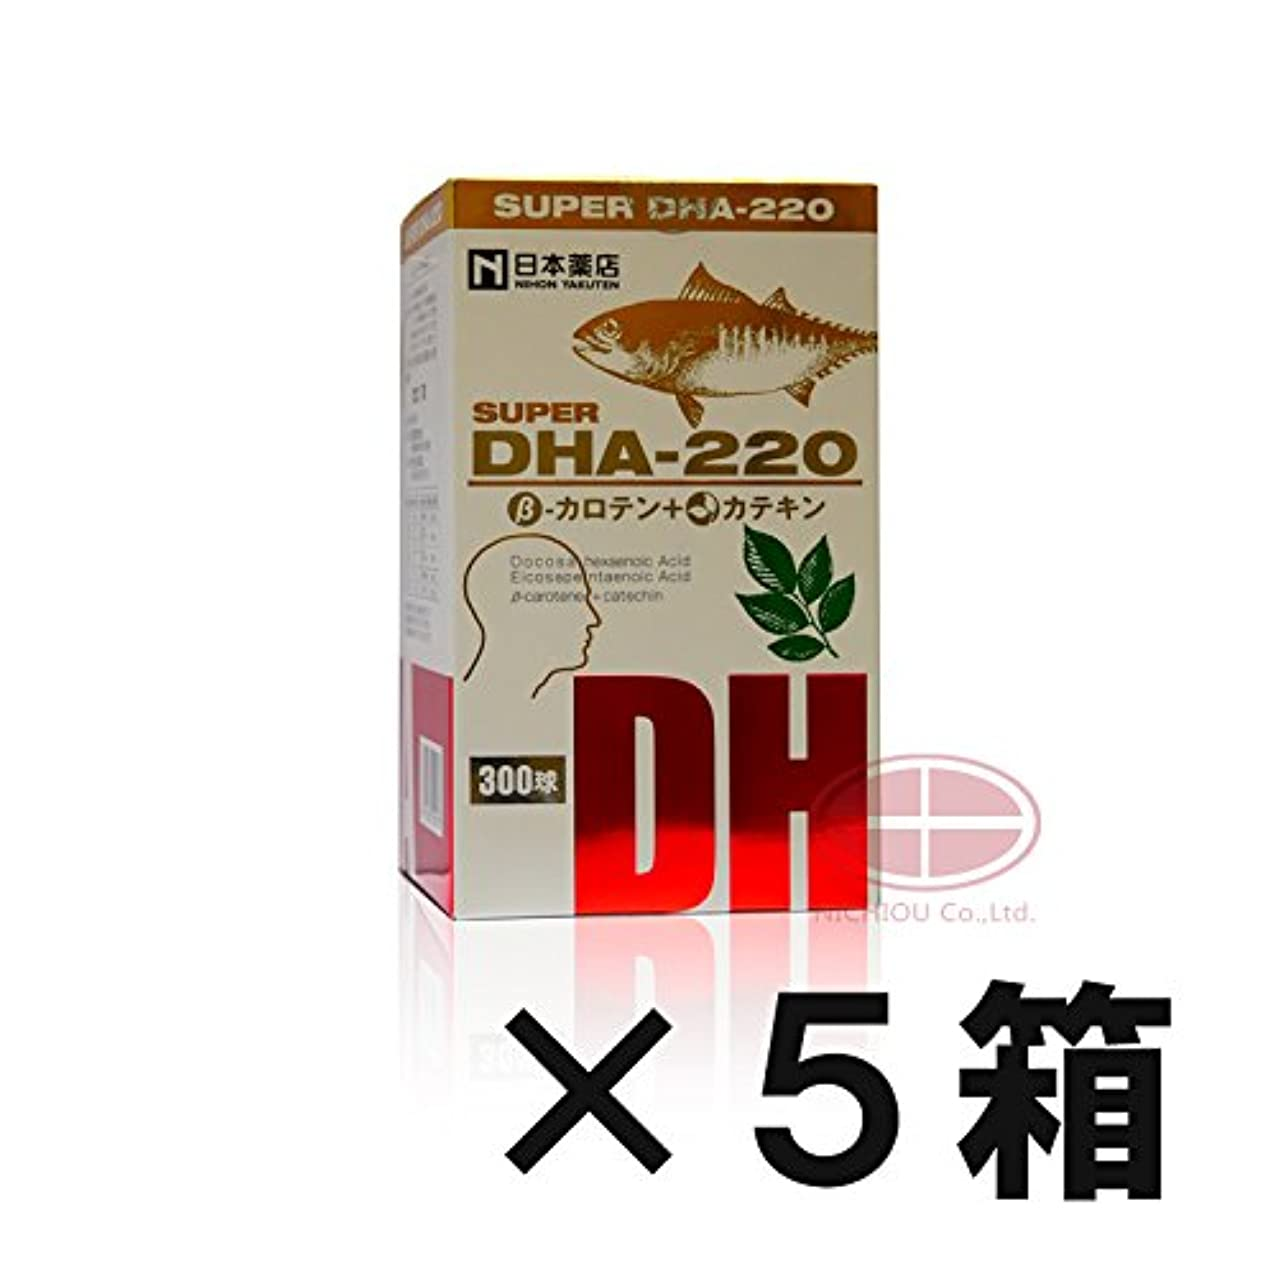 悲鳴直径詳細な薬王製薬 スーパーDHA220 βカロテン+カテキン 300粒 (5)